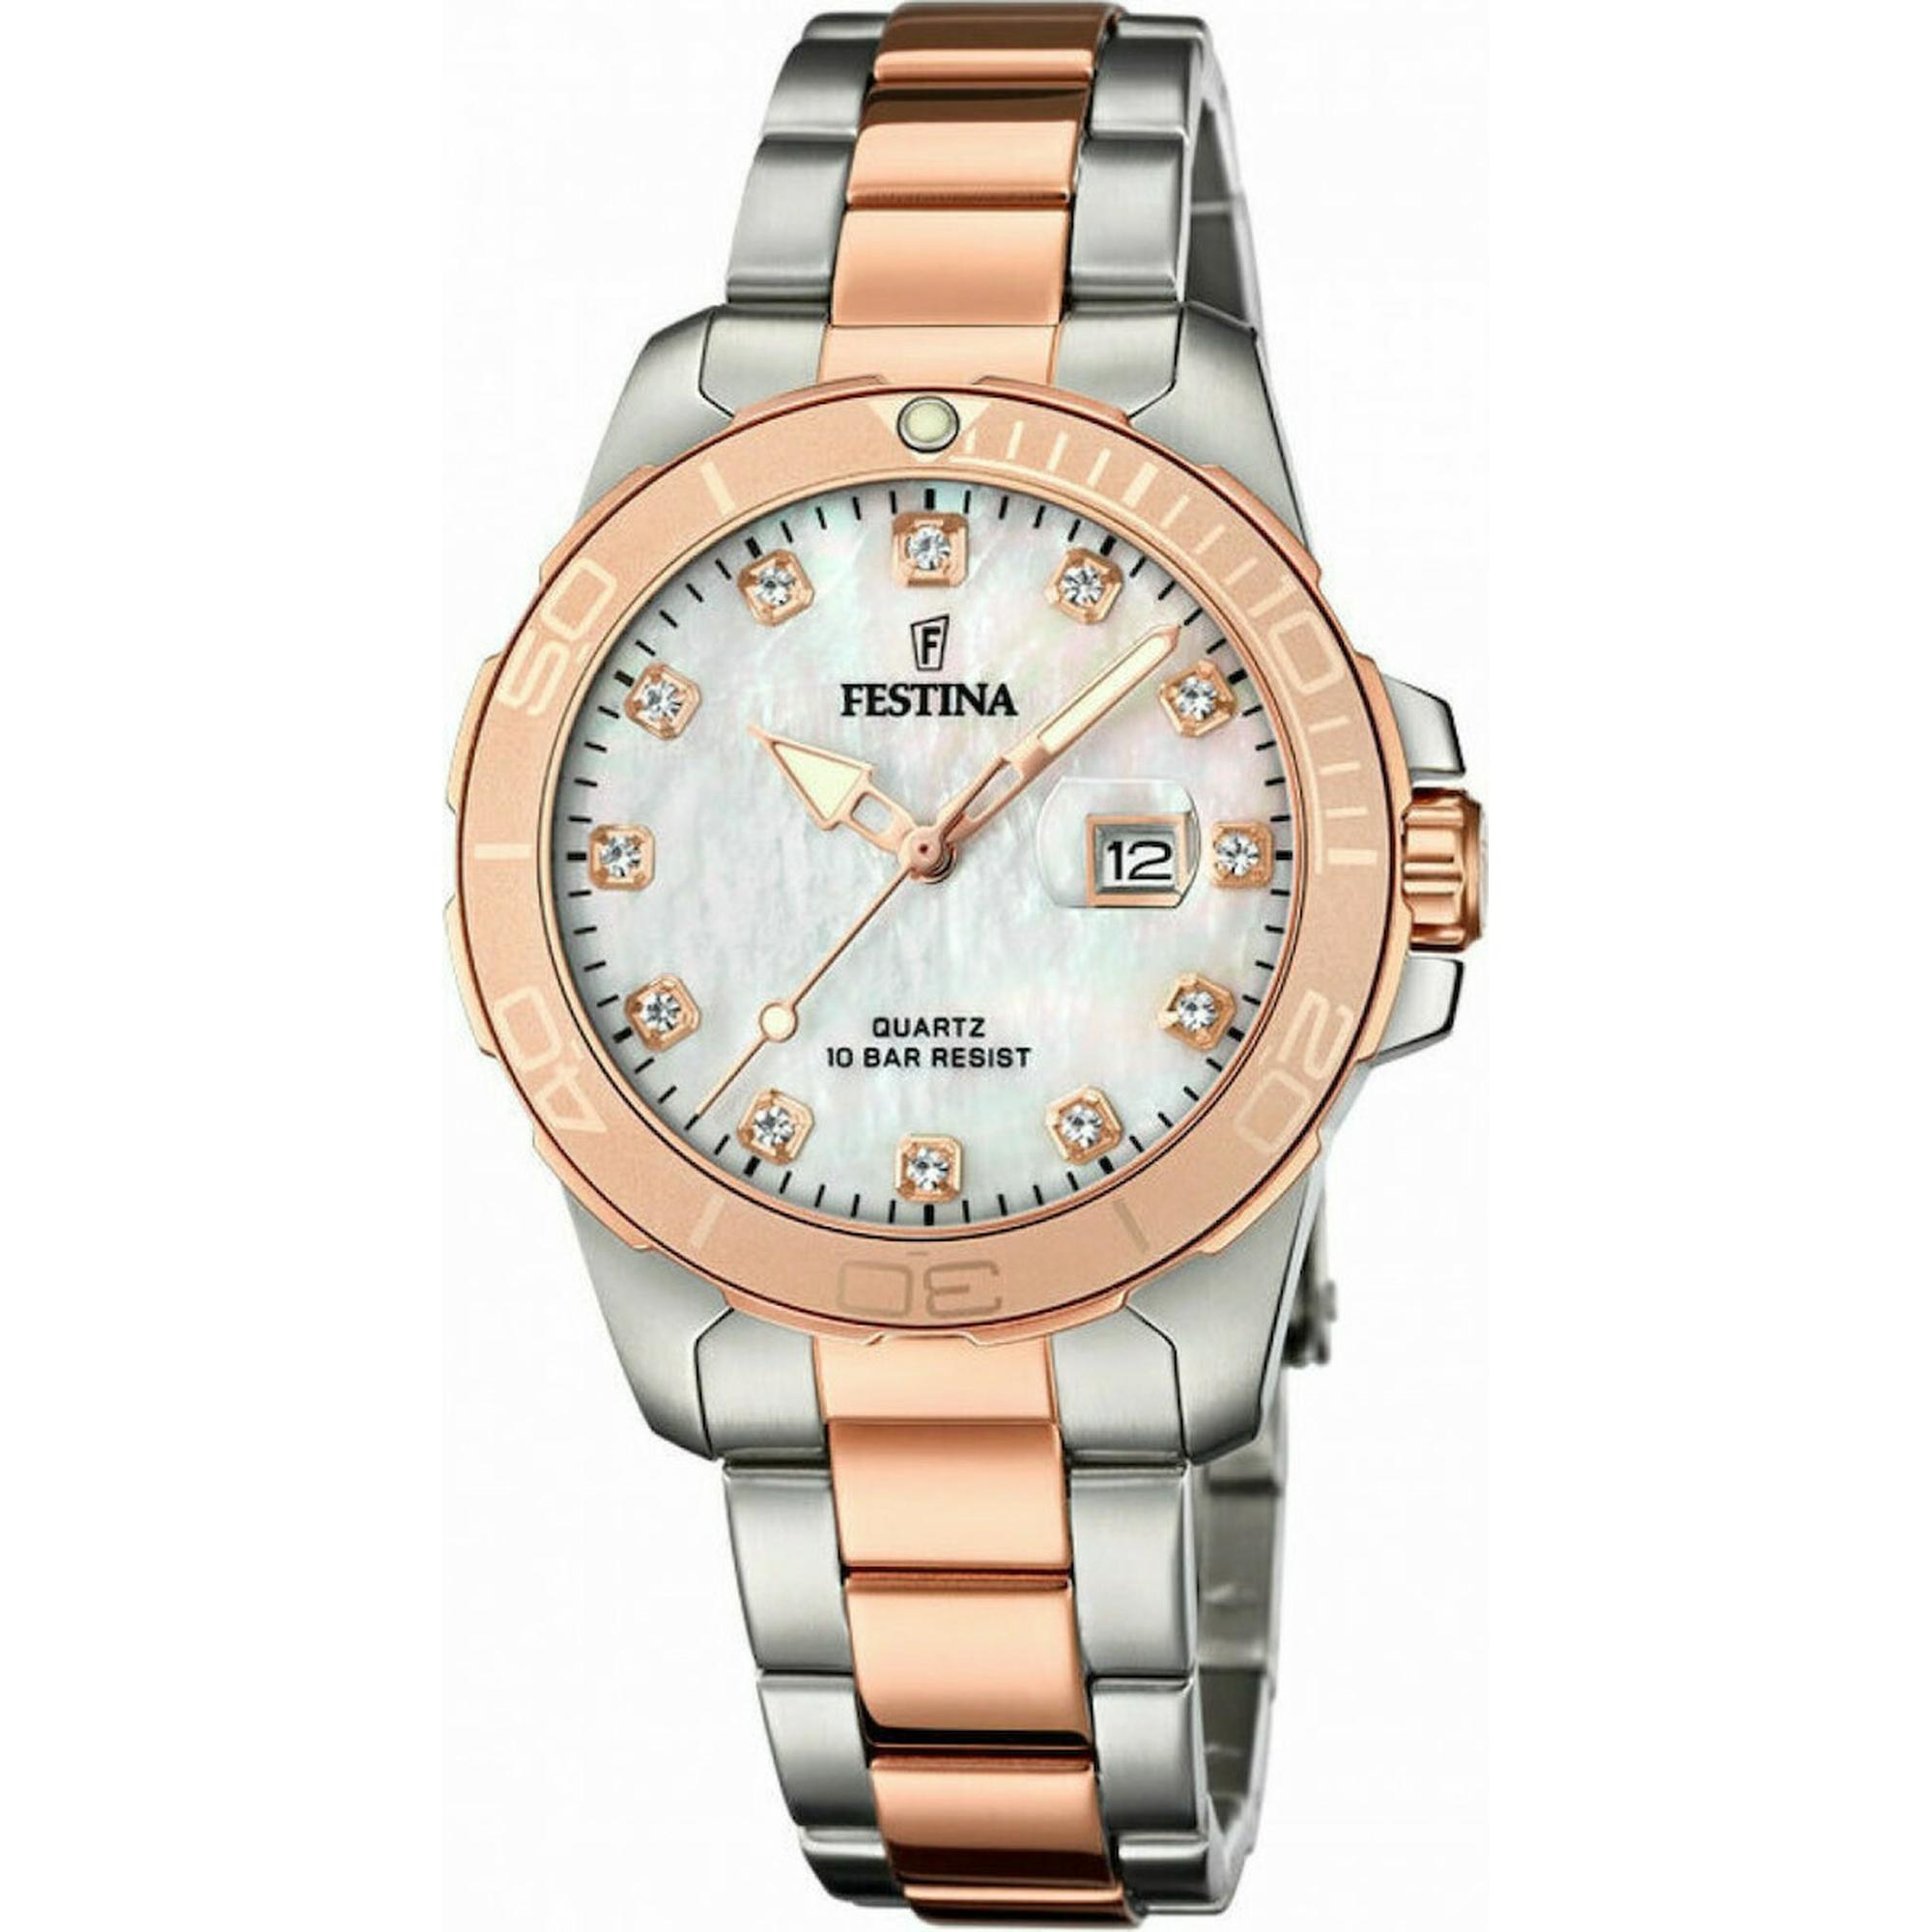 Ρολόι Festina με Δίχρωμο Μπρασελέ F20505/1 + Δώρο Βραχιόλι